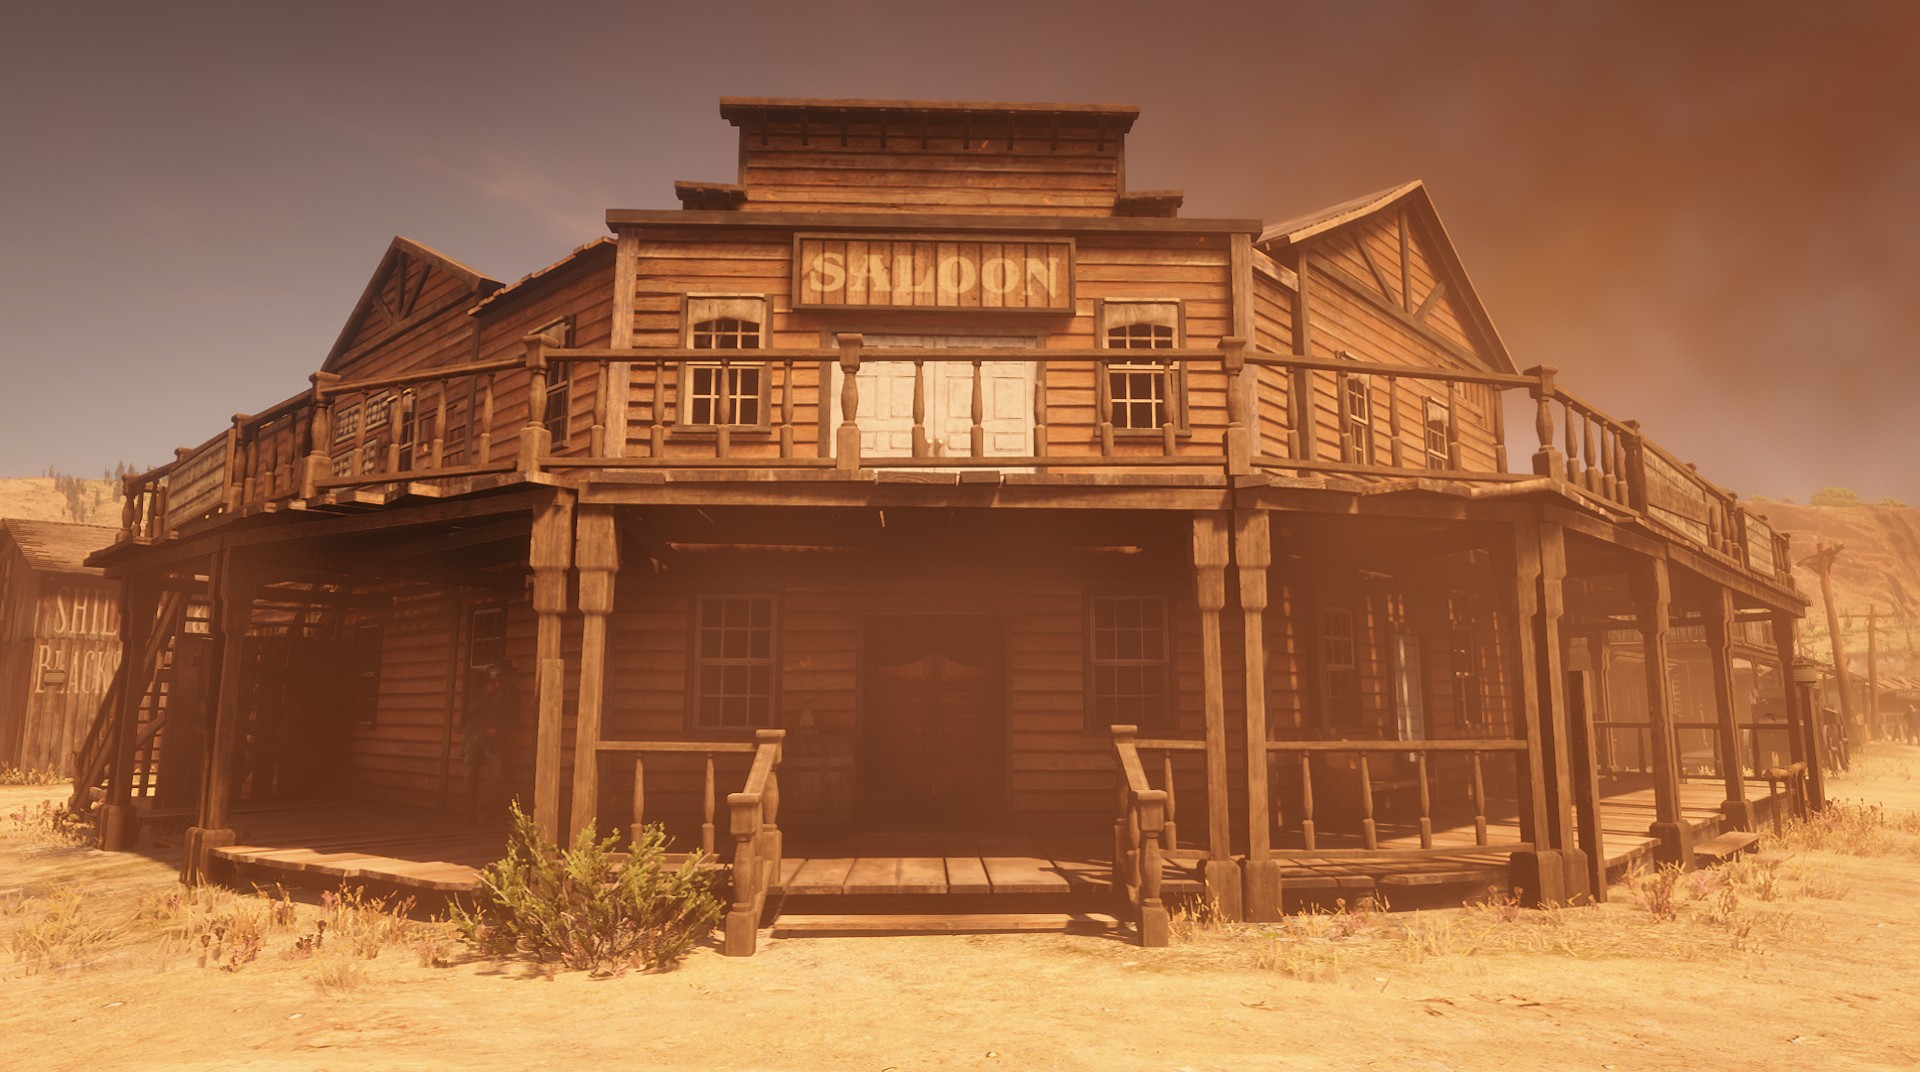 Armadillo Saloon